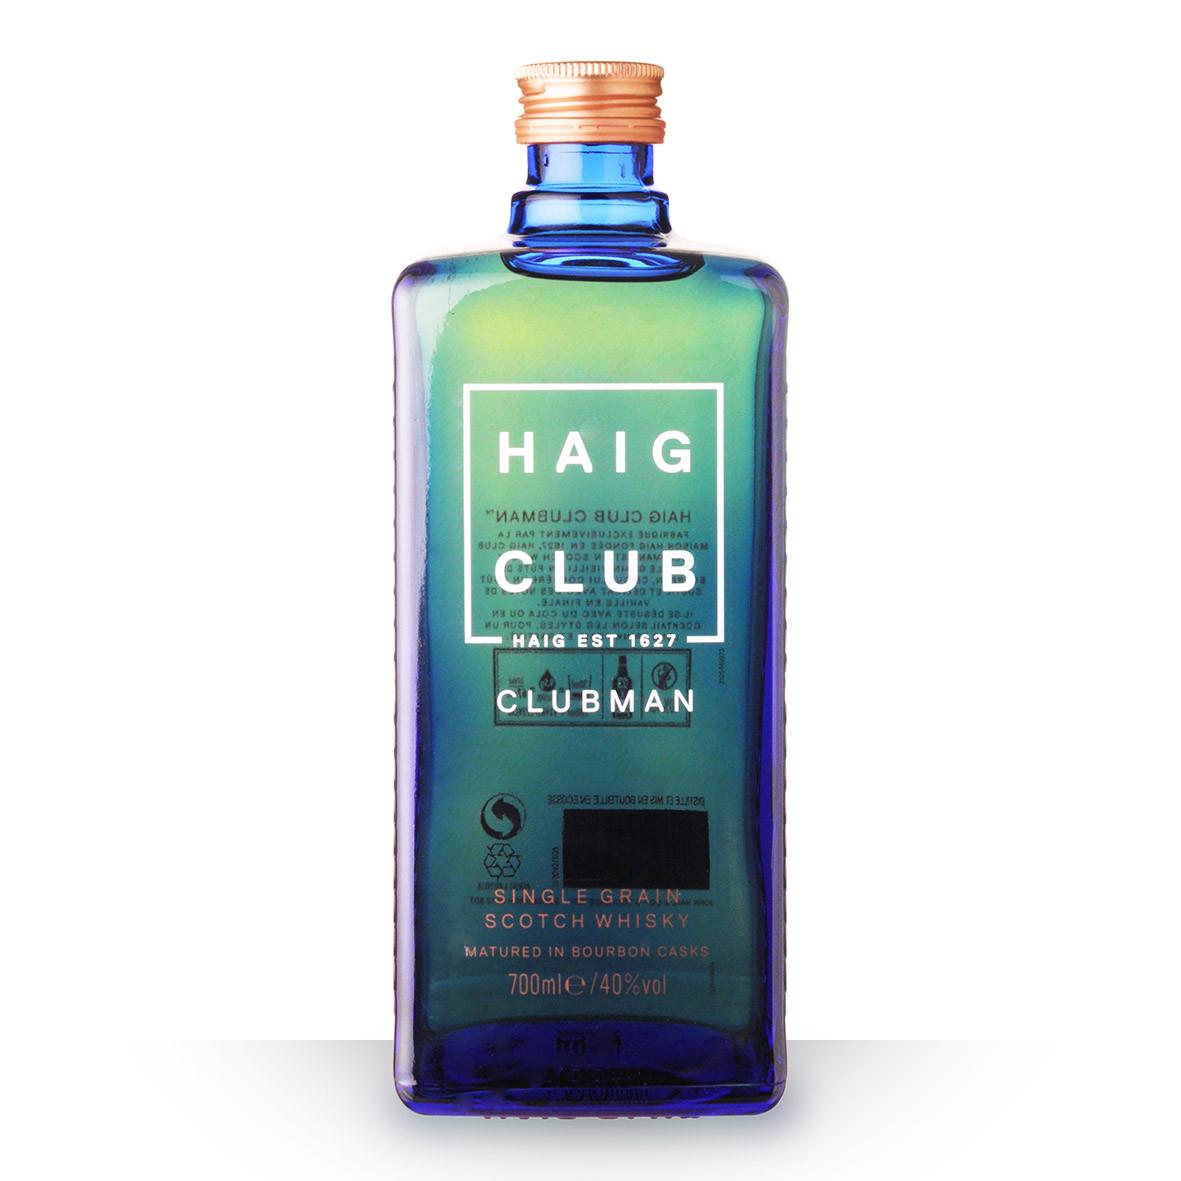 Whisky Haig Club Clubman 70cl www.odyssee-vins.com